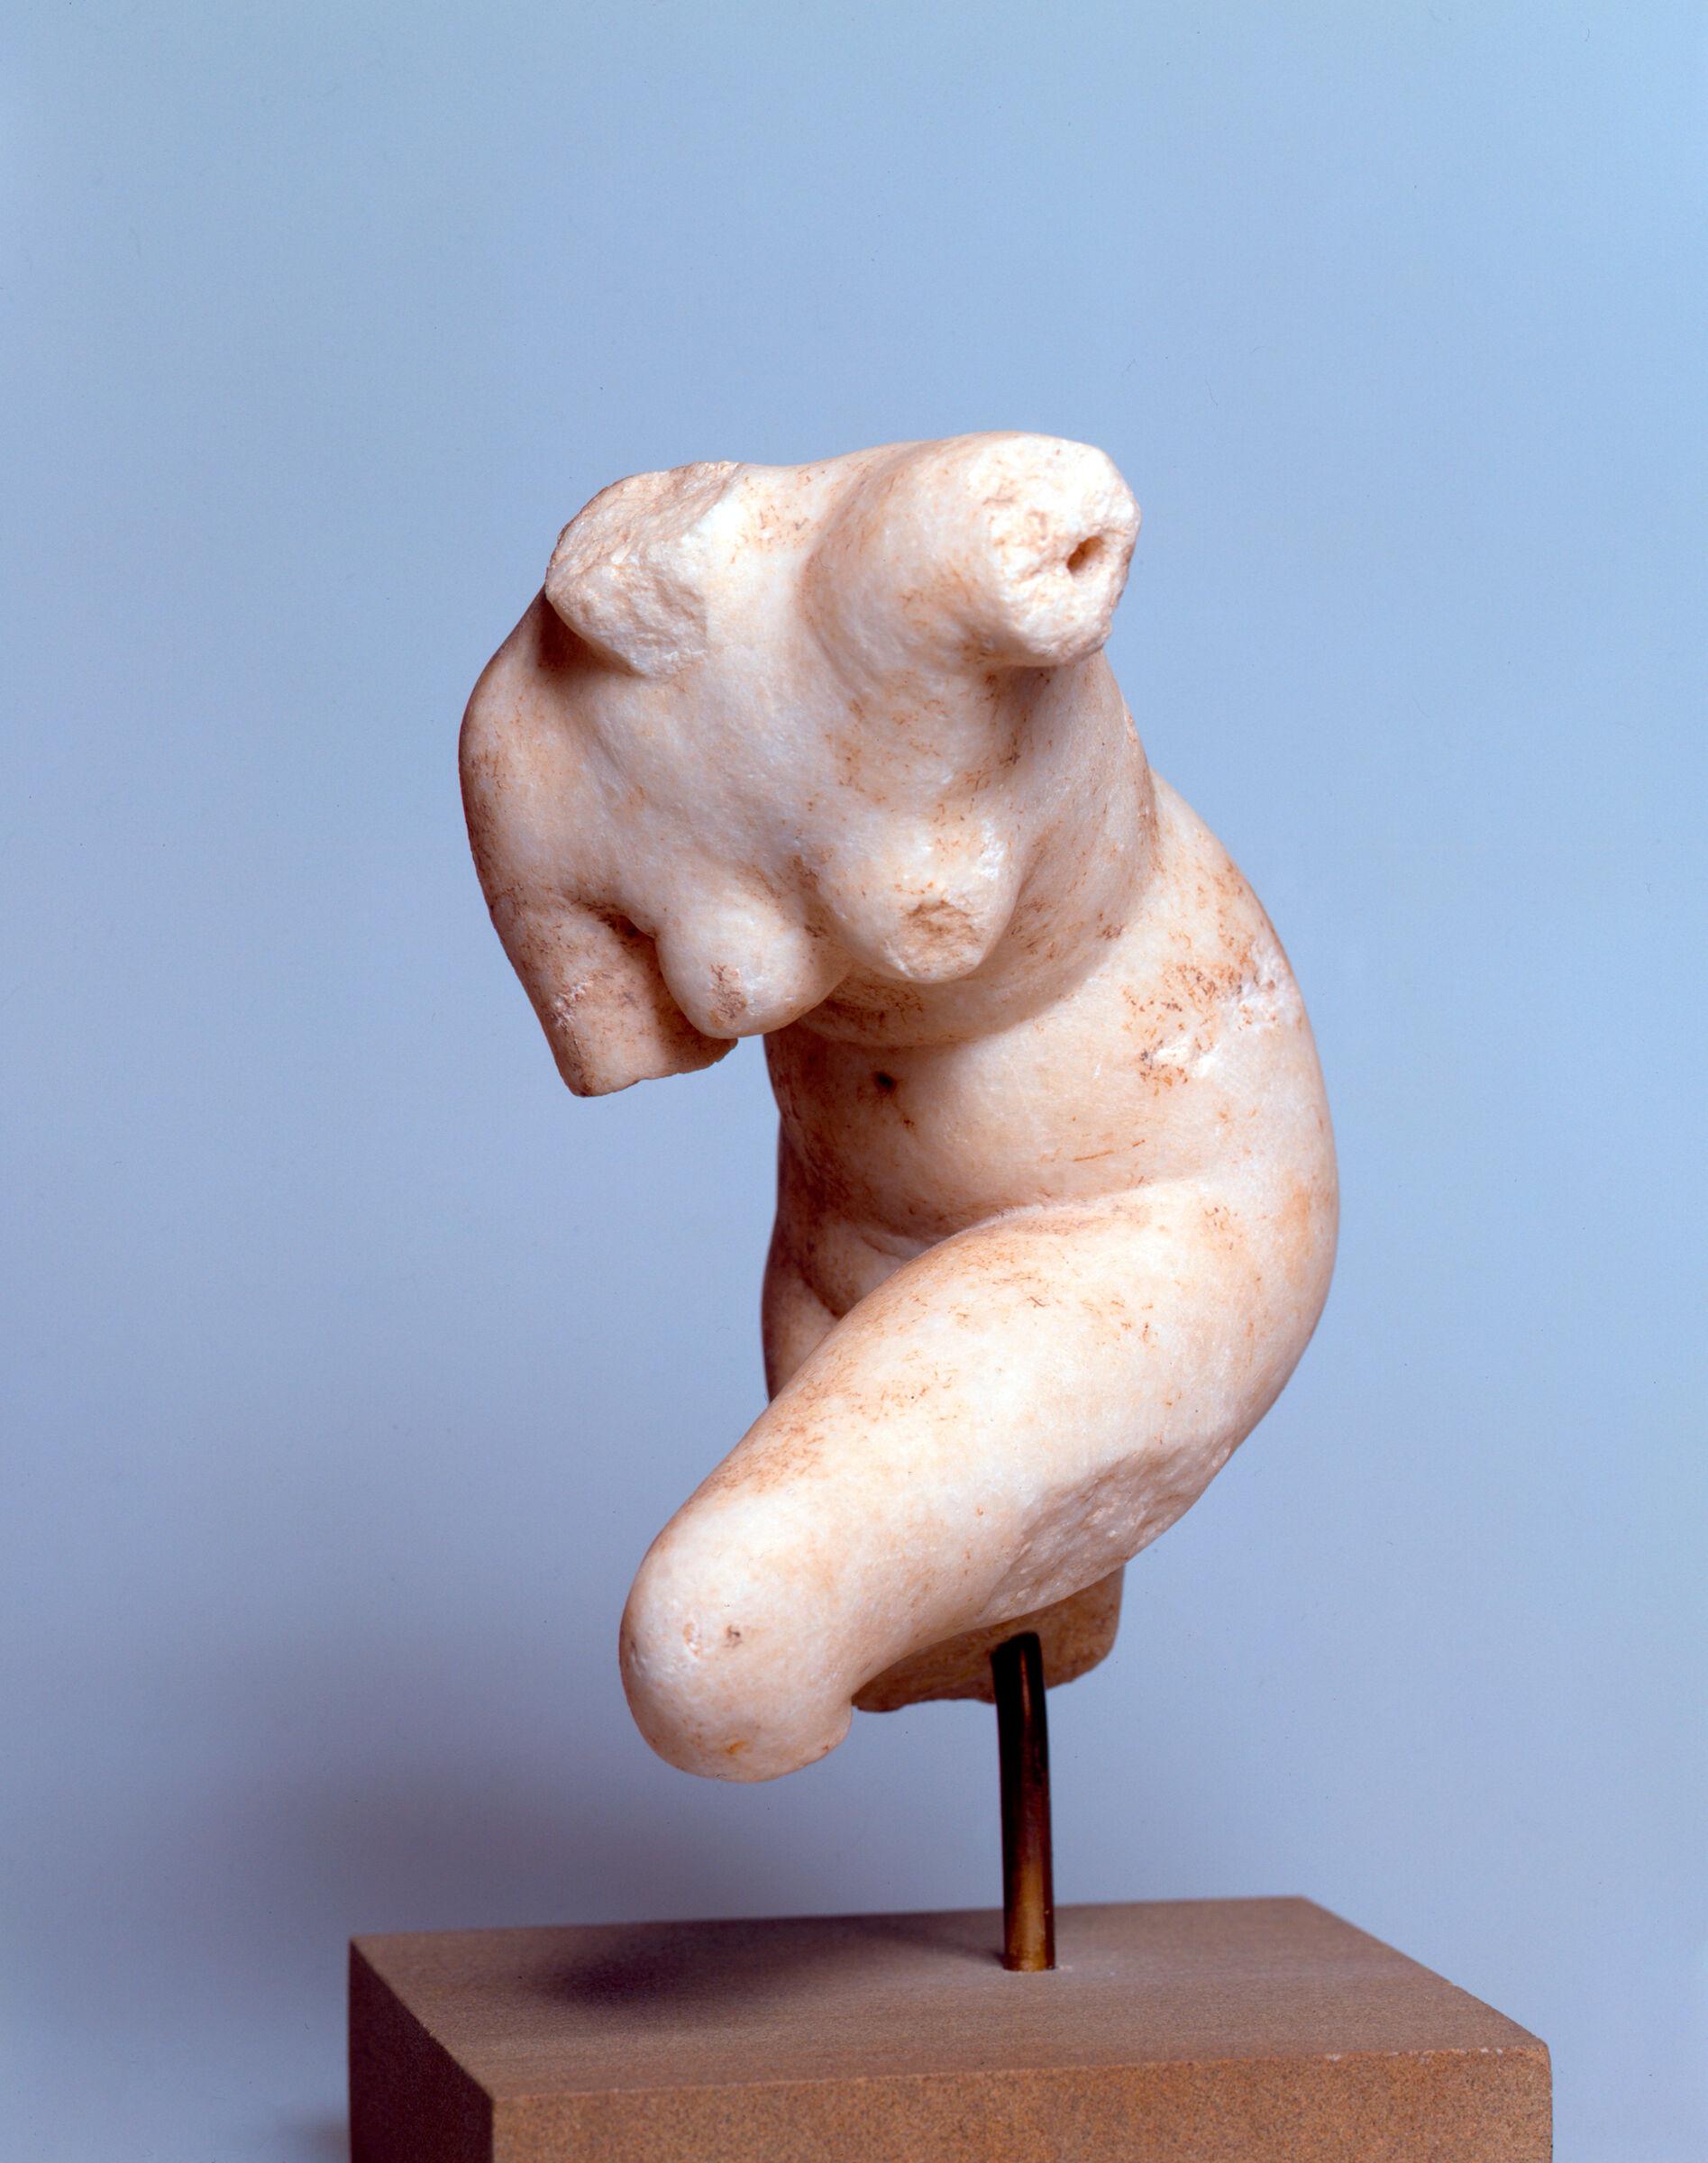 Aphrodite Adjusting Her Sandal